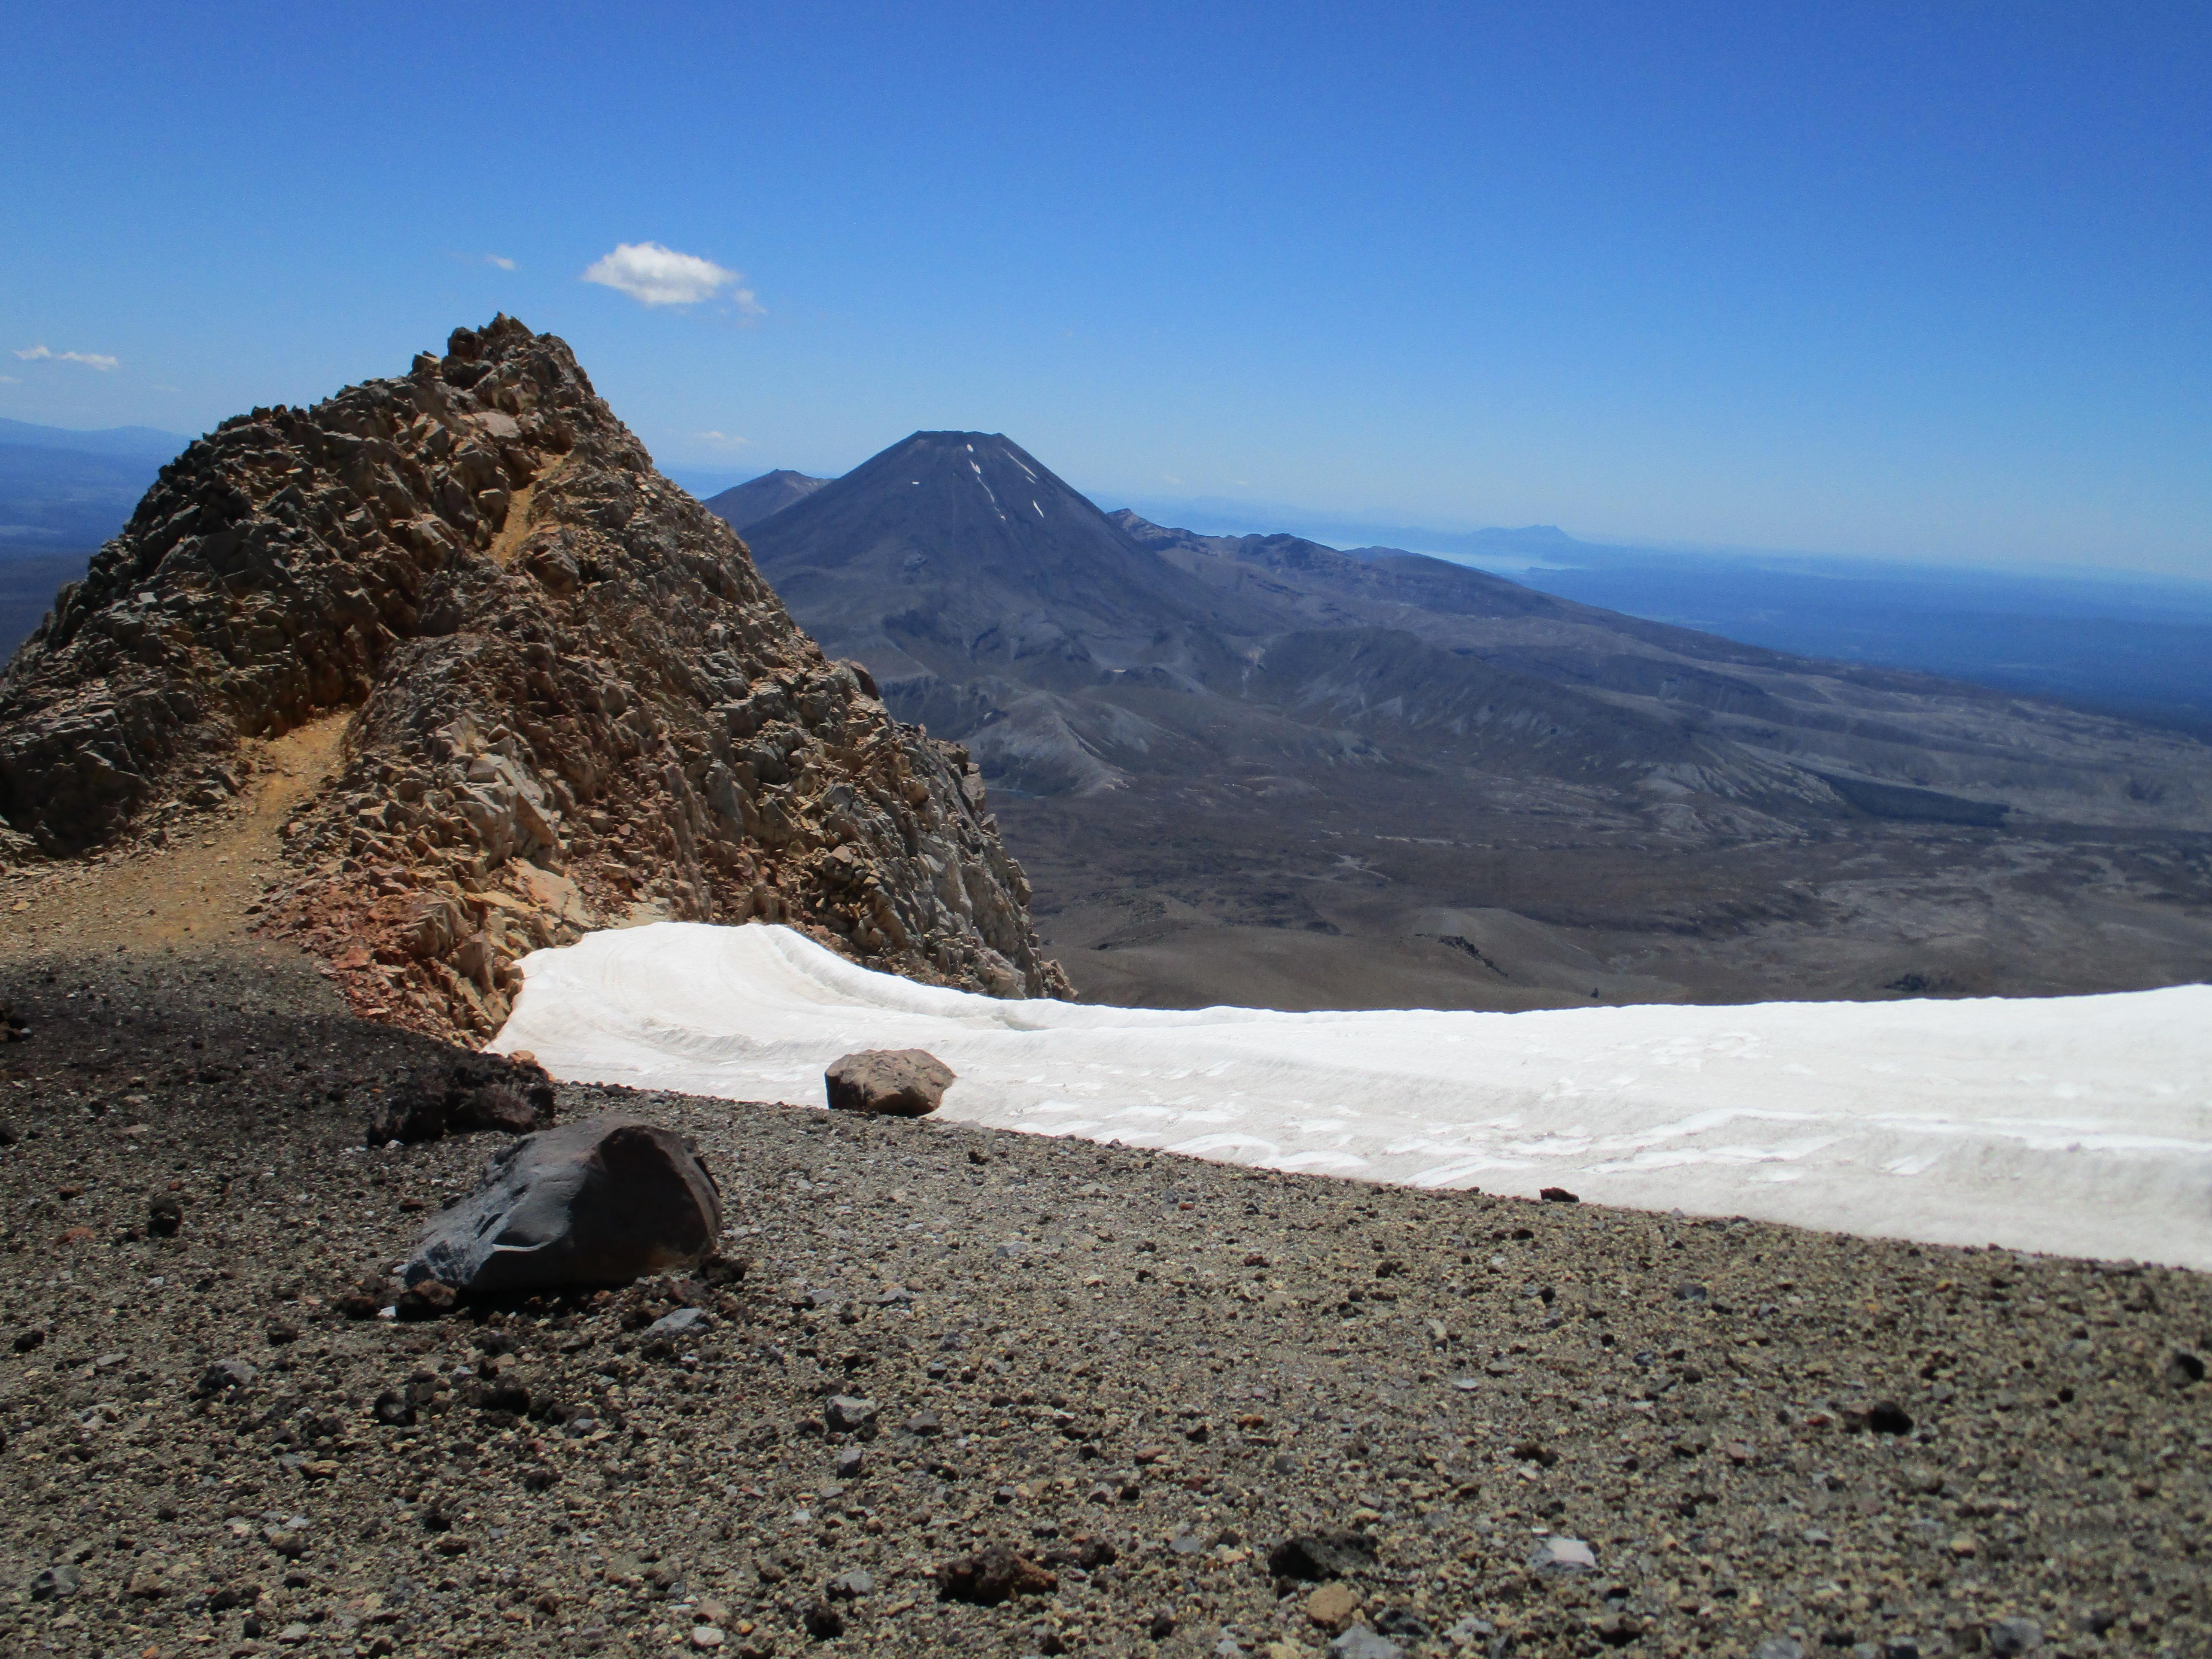 View of Tongariro & Ngauruhoe from Ruapehu